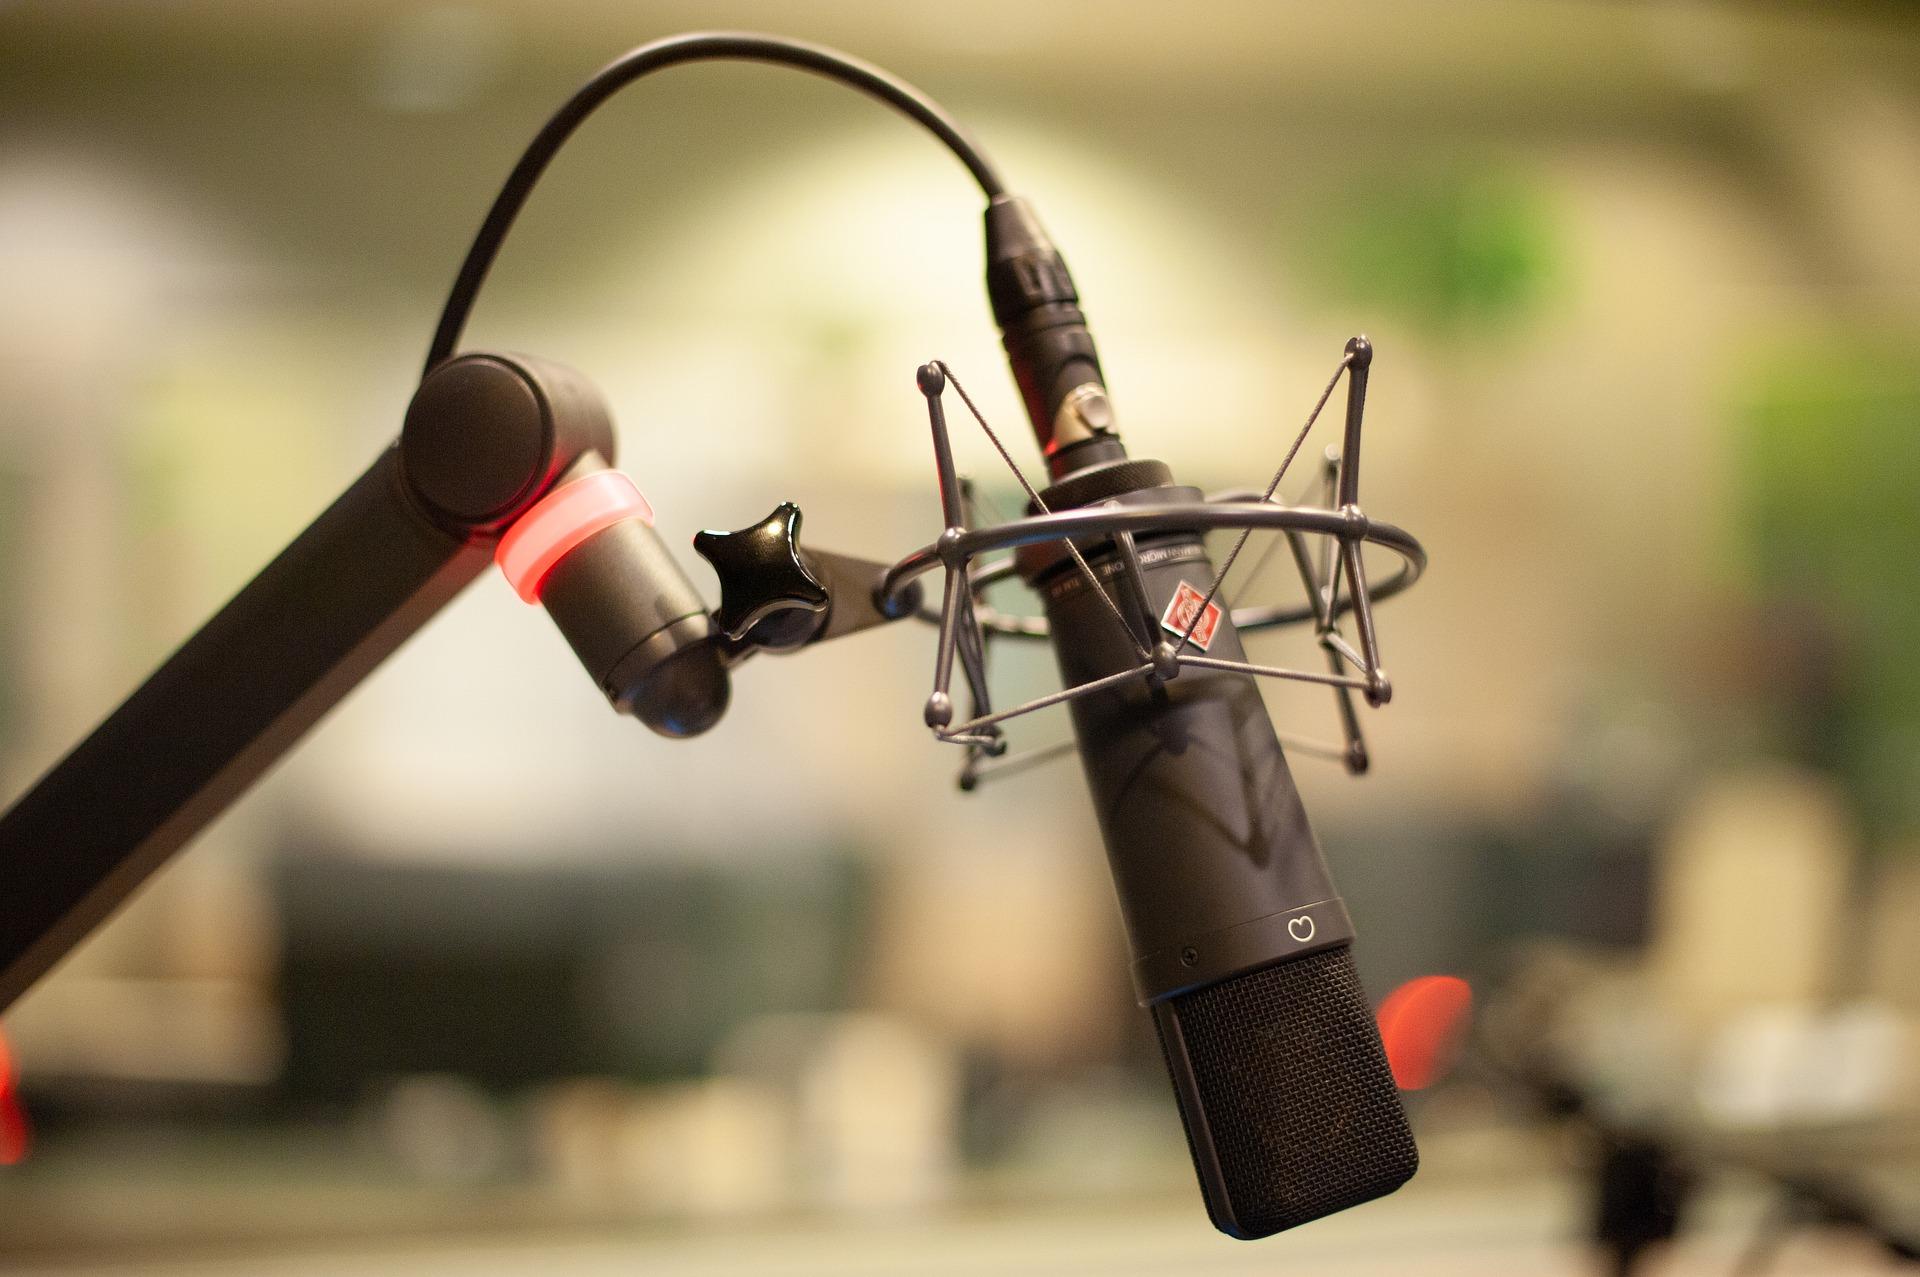 Mikrophon vor verschwommenen Hintergrund